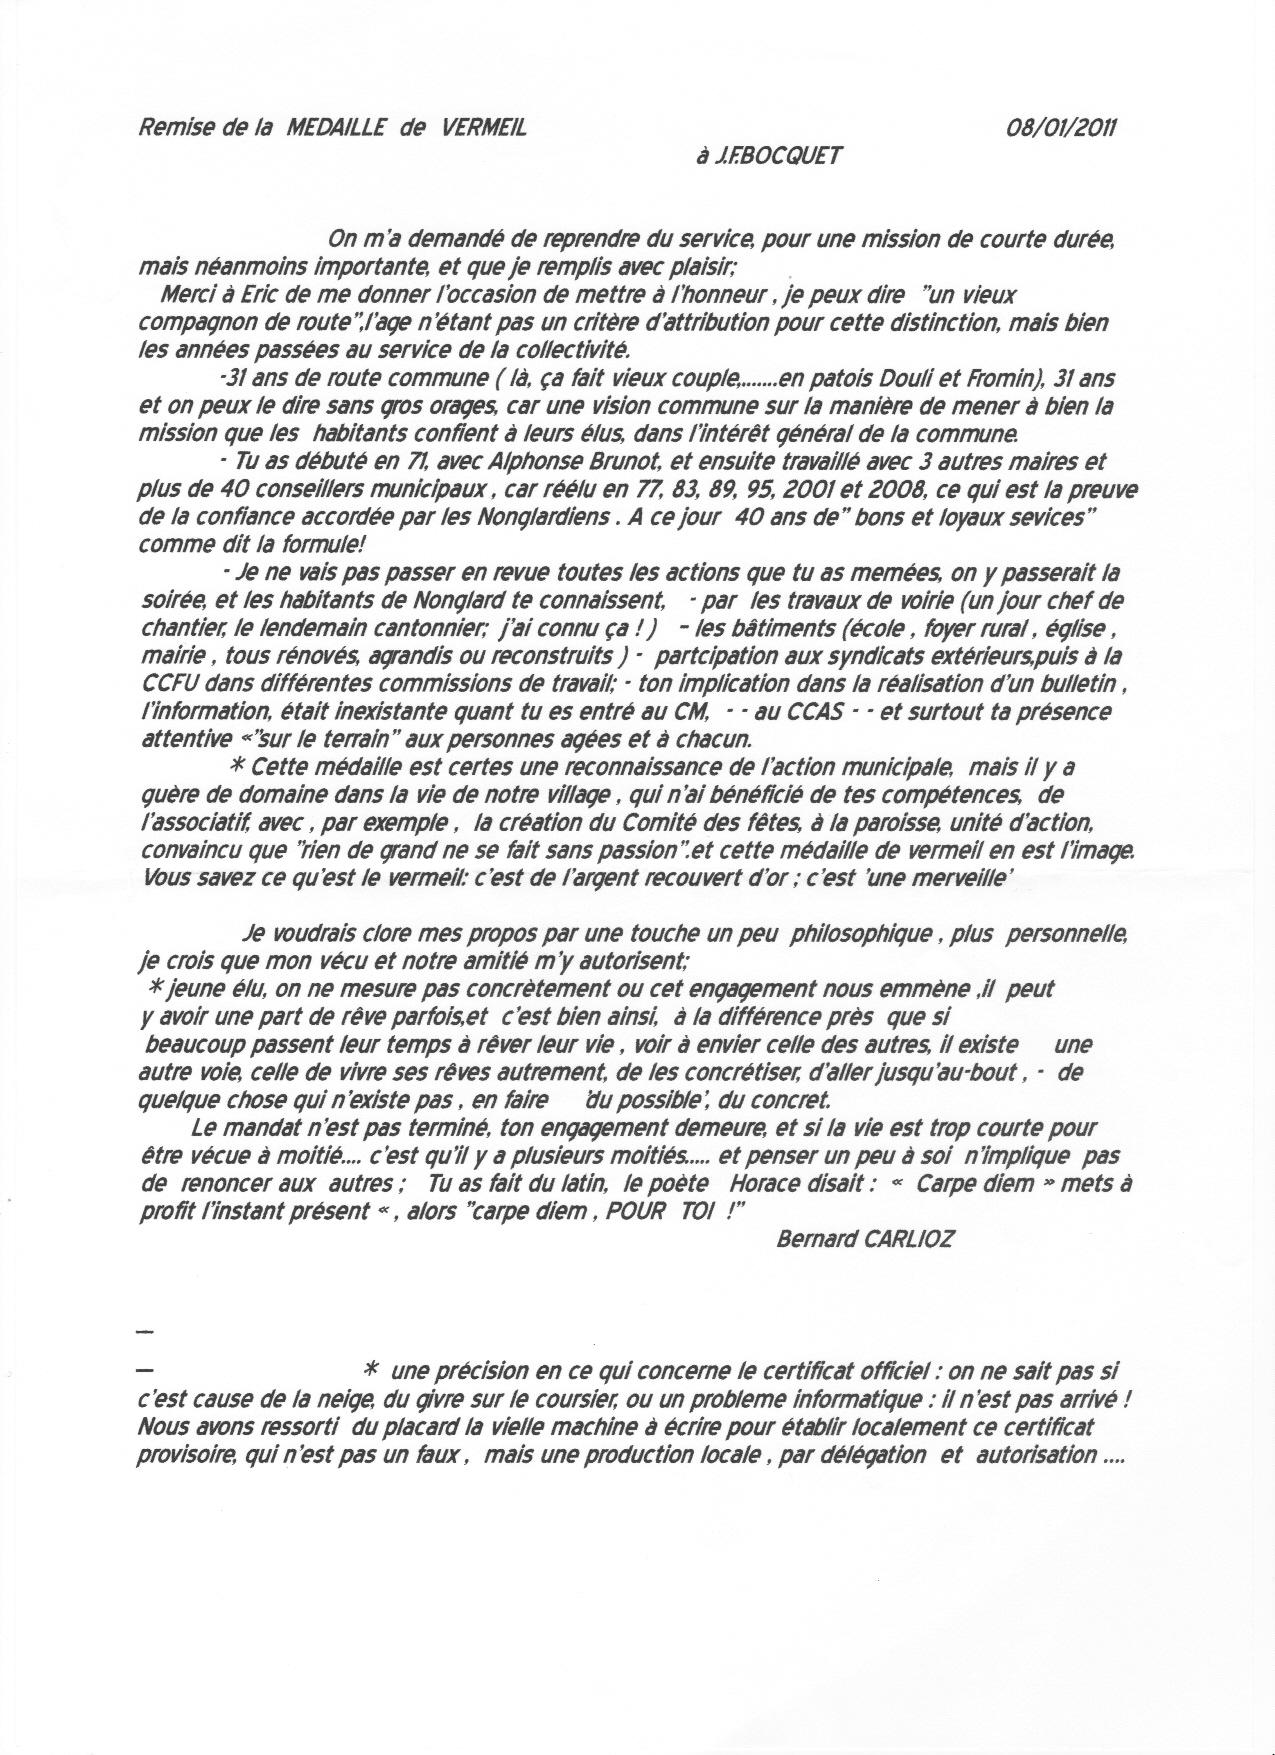 discours-du-8-janvier-2011